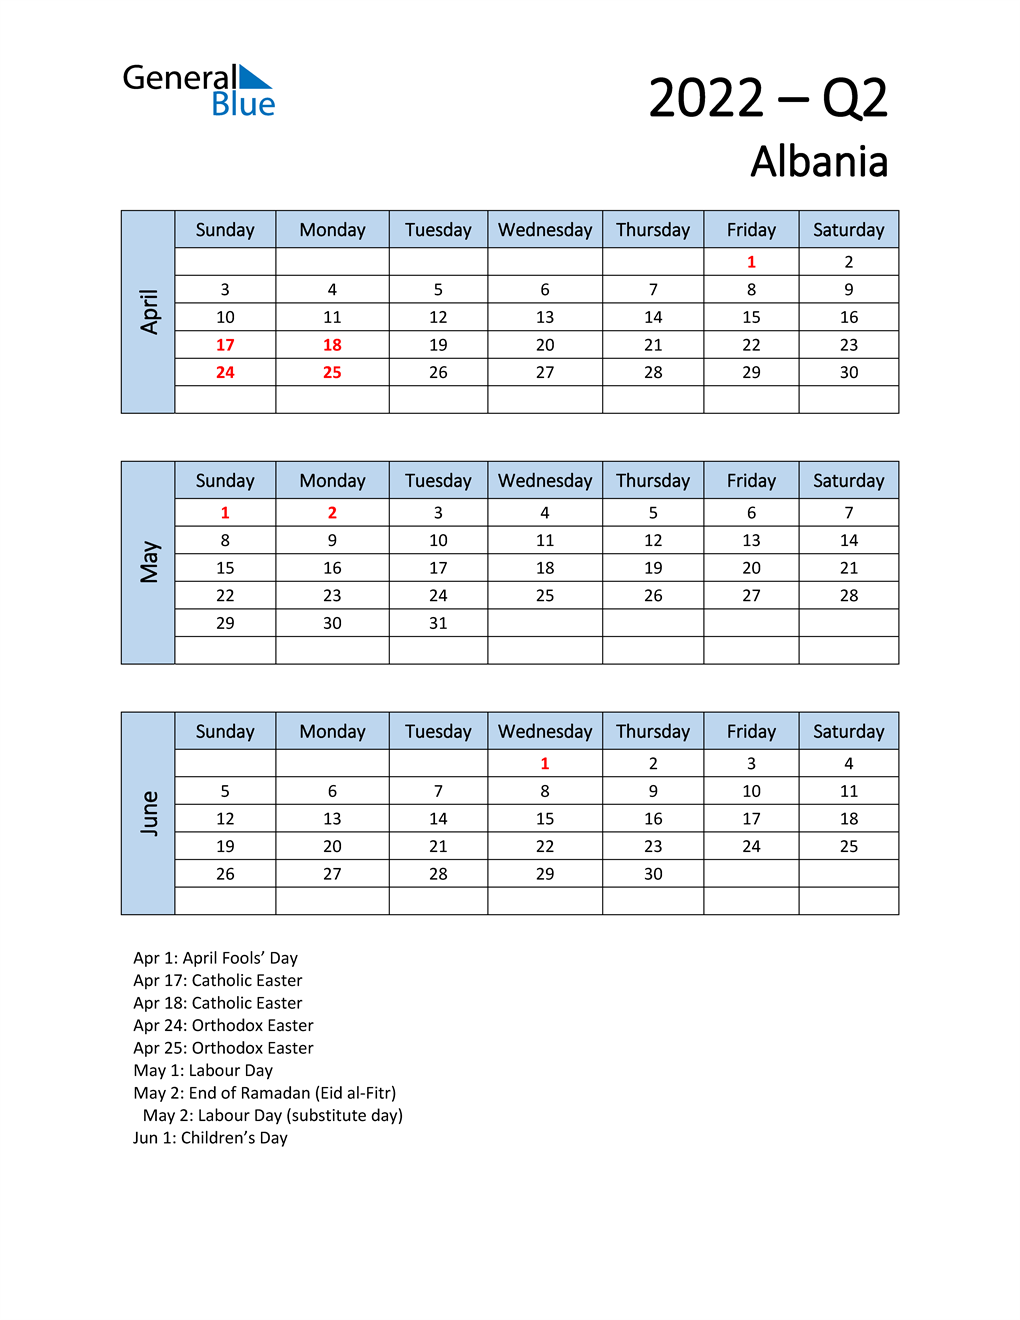 Free Q2 2022 Calendar for Albania